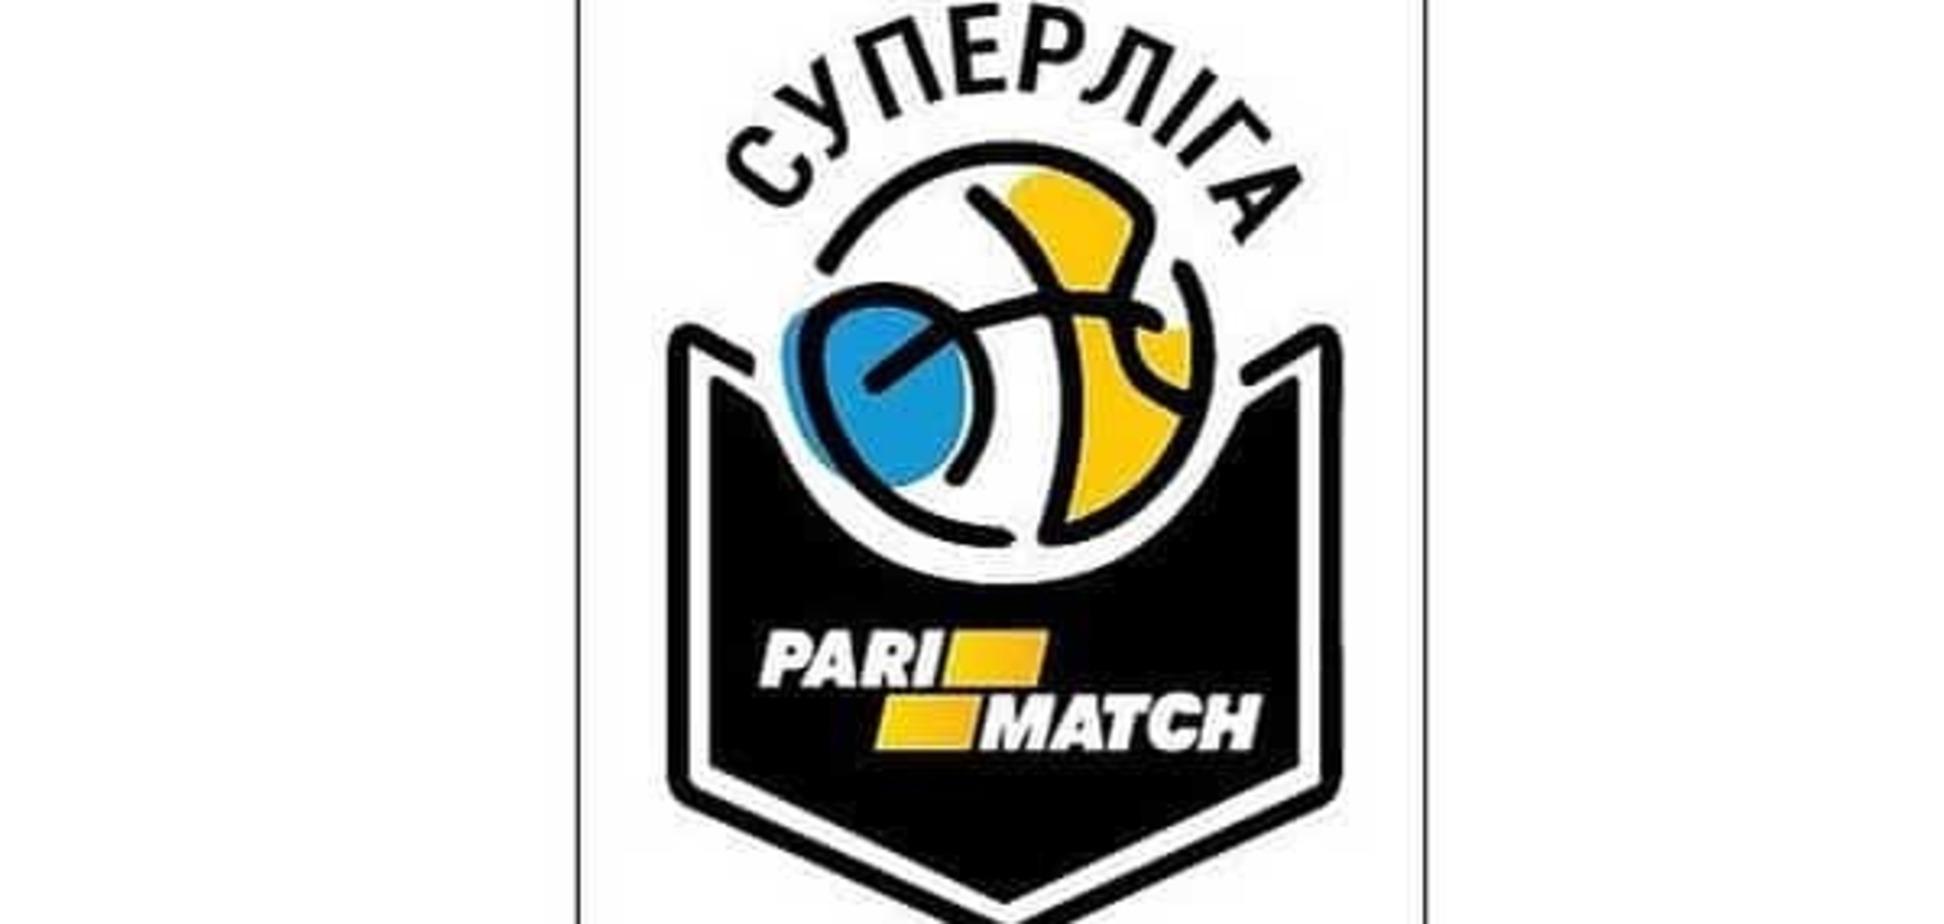 У чемпіонаті України з баскетболу збільшилася кількість клубів